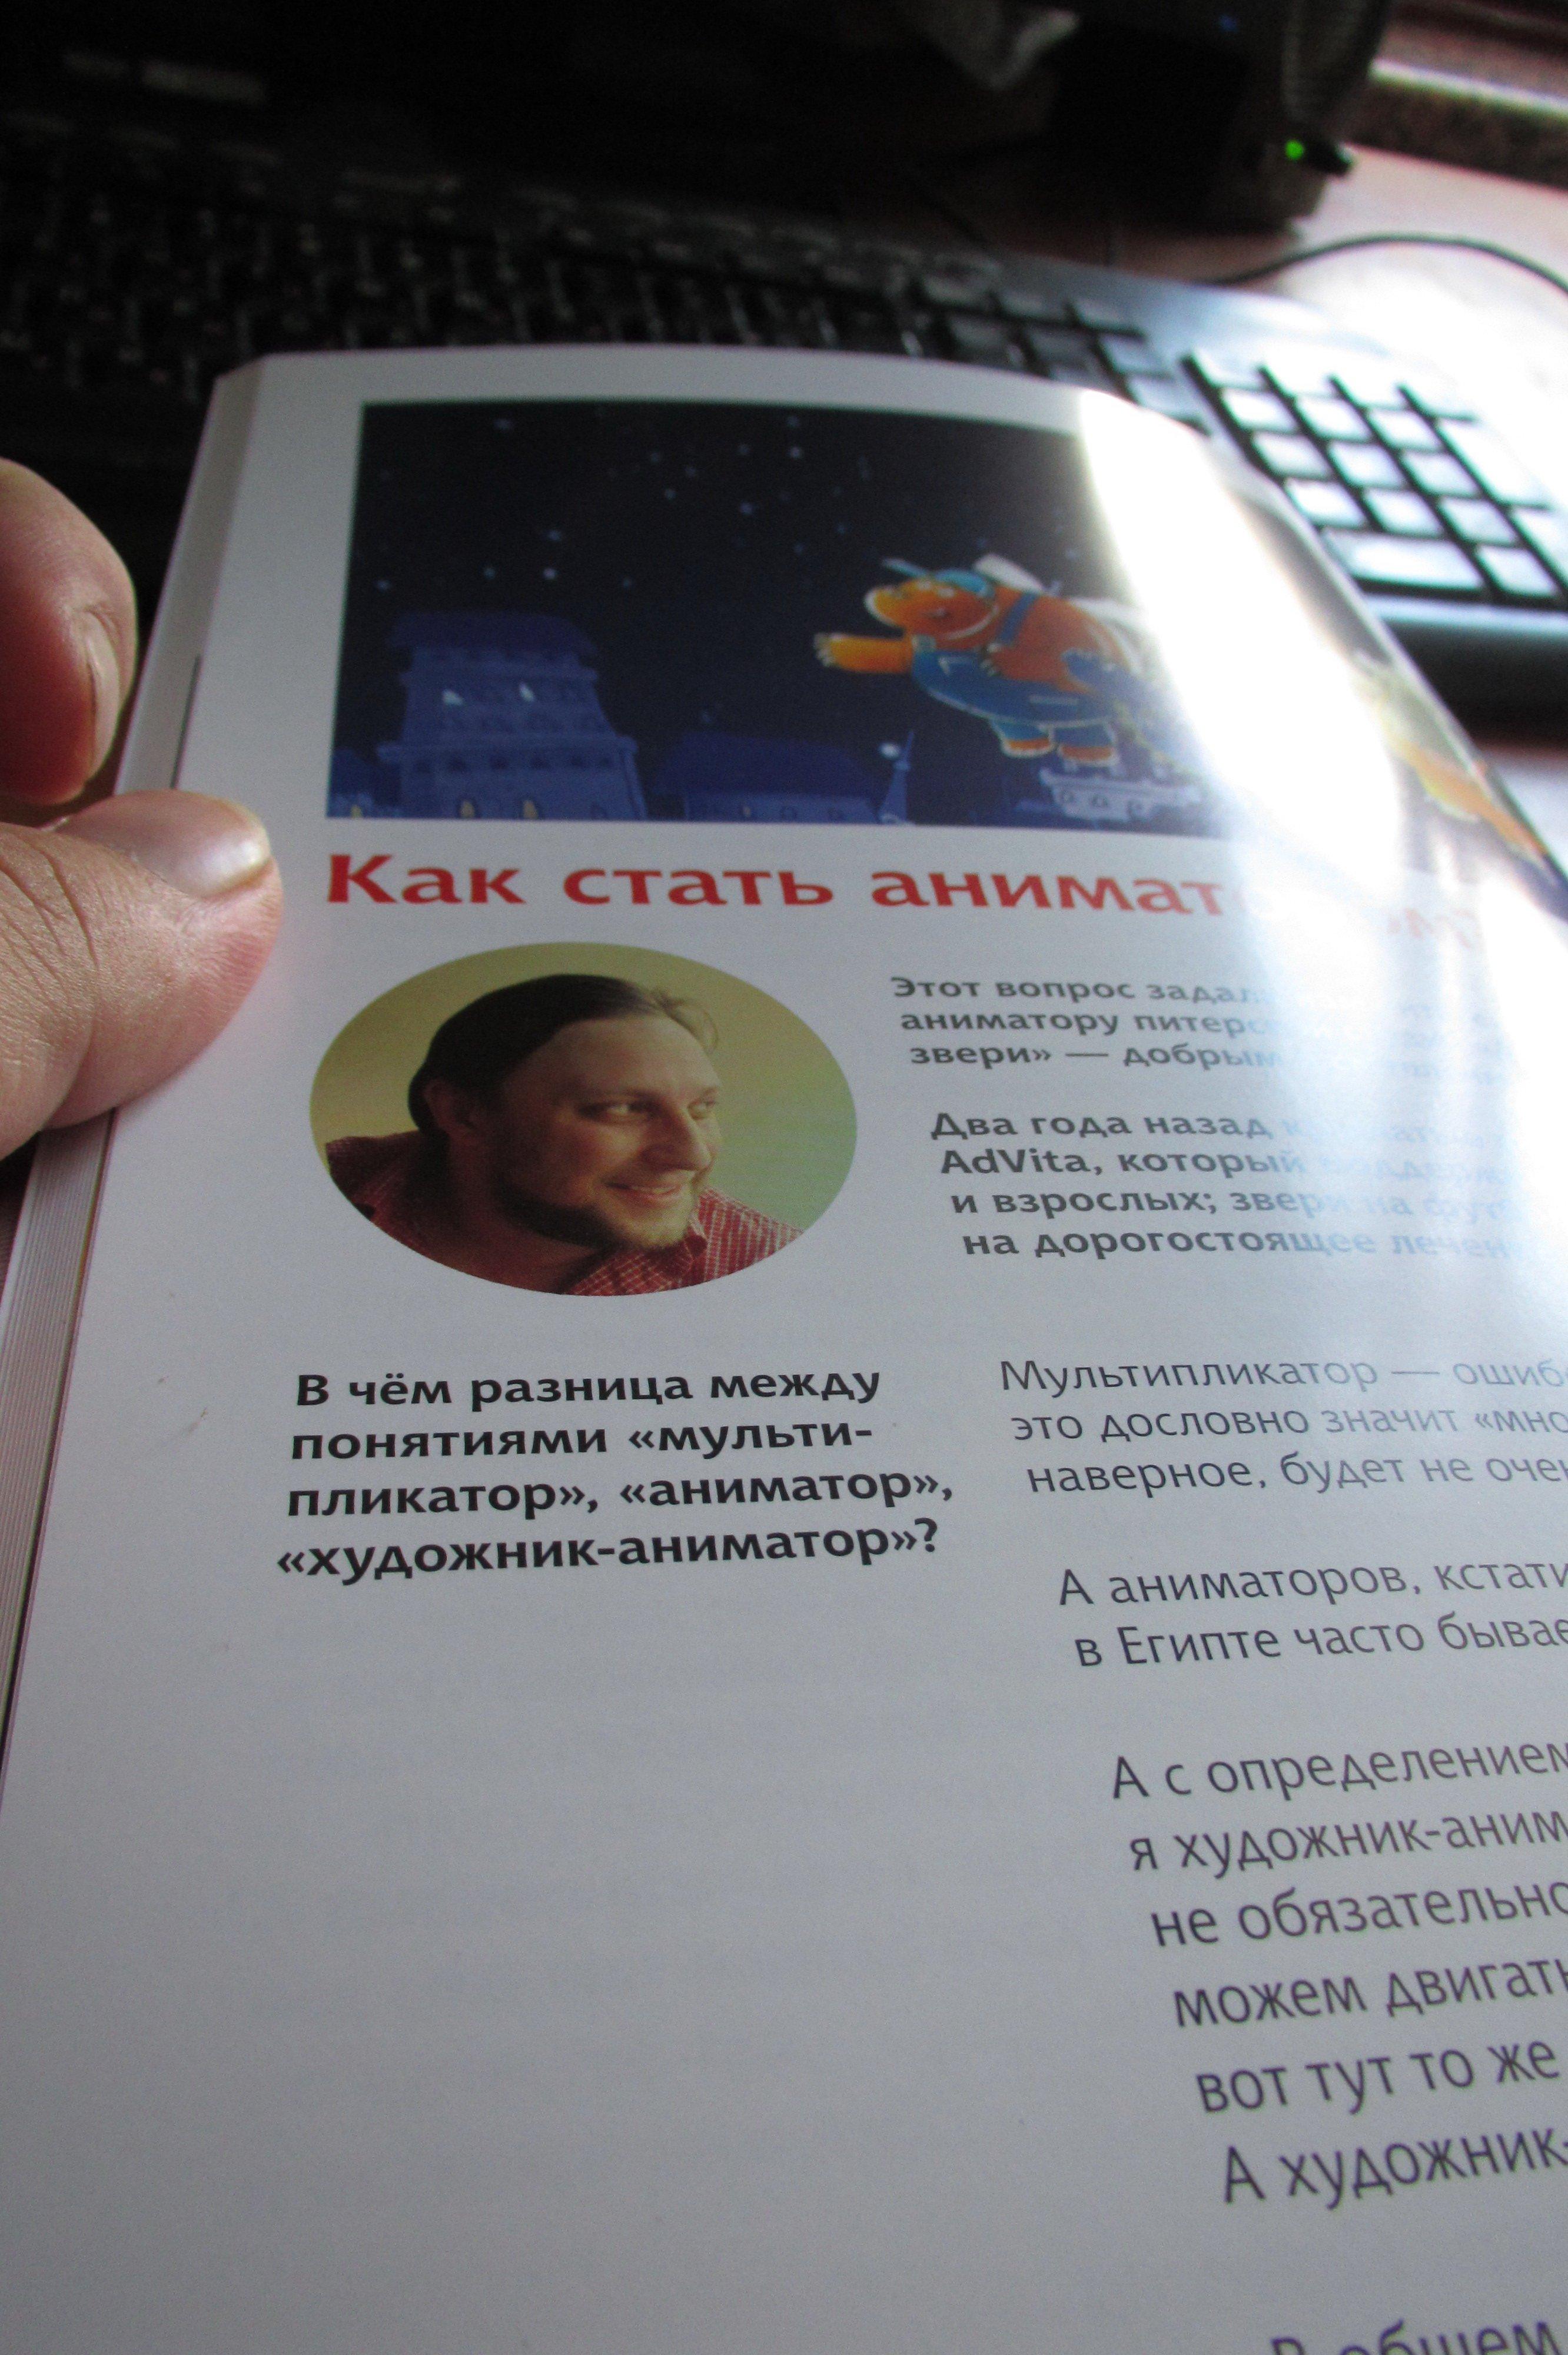 Сплошное хвастовство)))  - Изображение 1